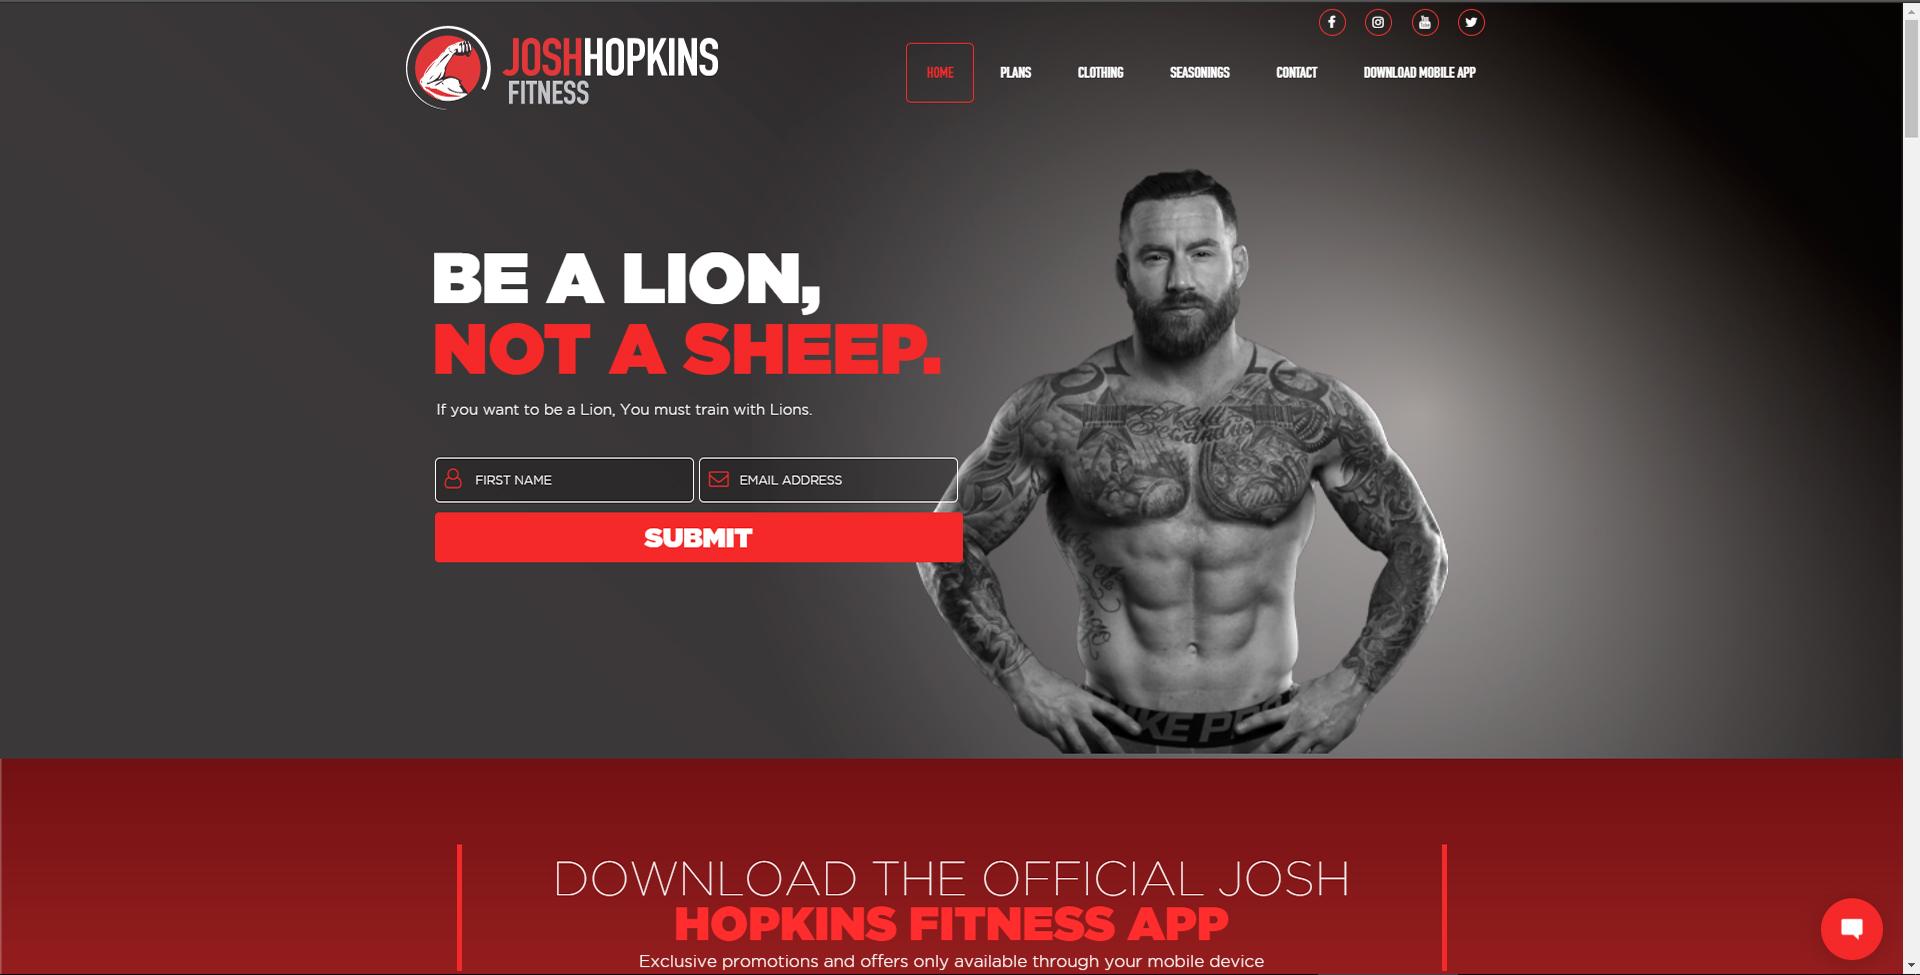 Joshhopkinsfitness